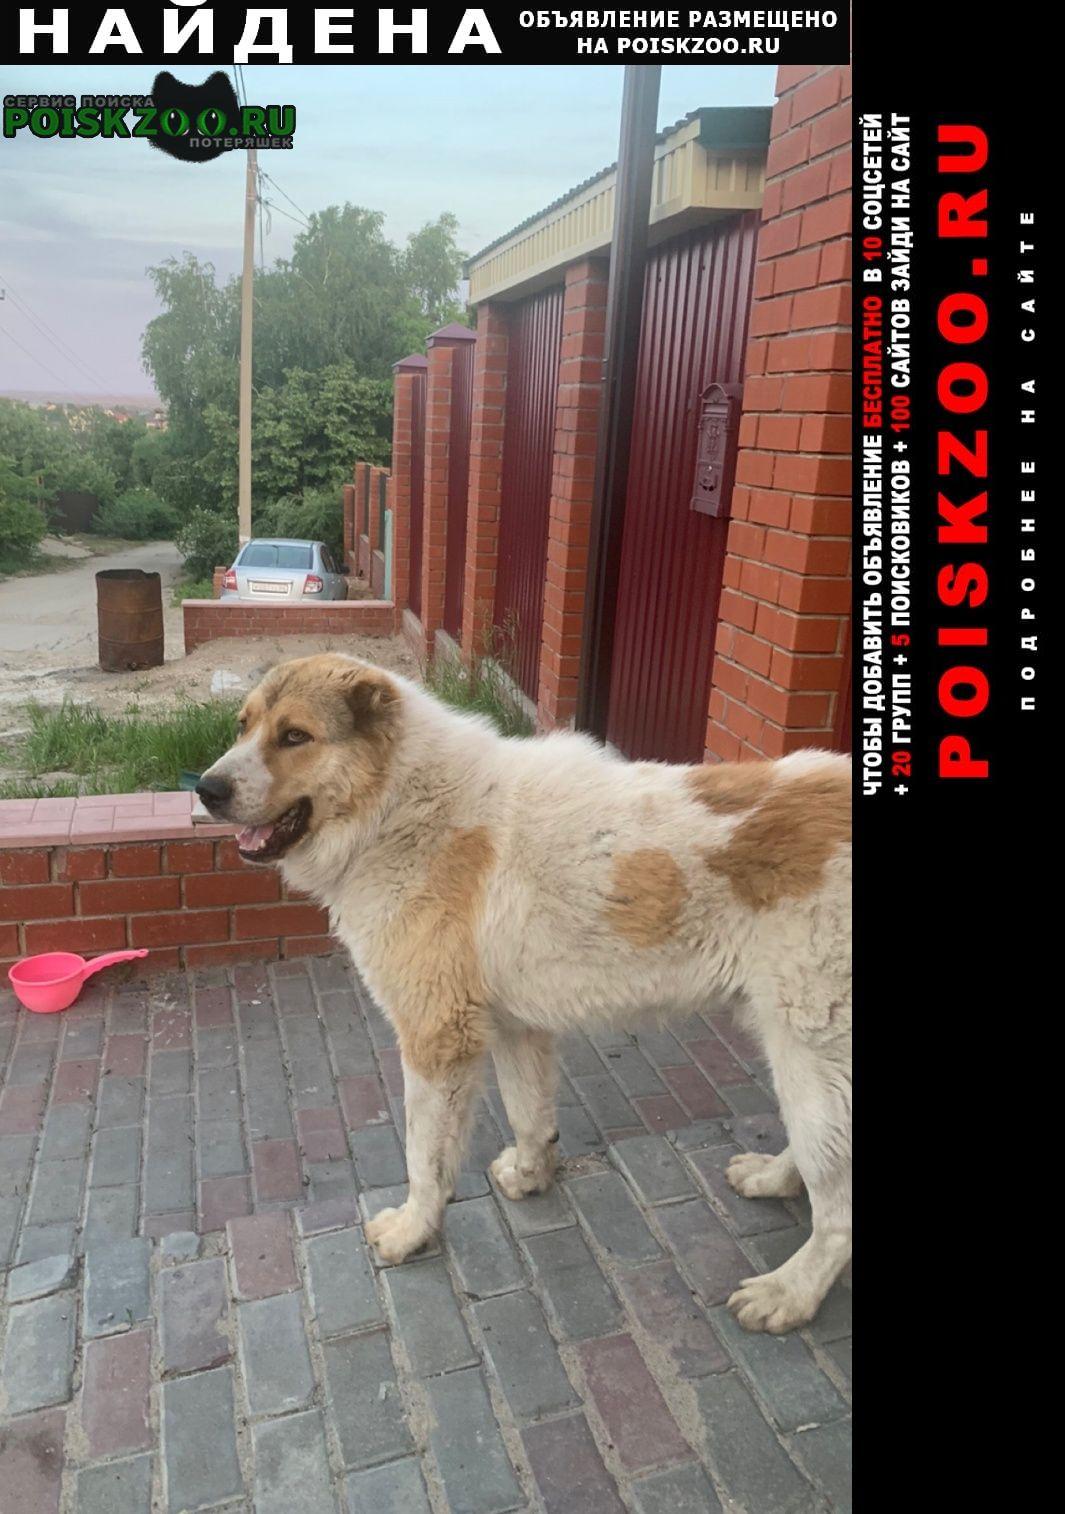 Найдена собака кобель молодой, алабай. Саратов